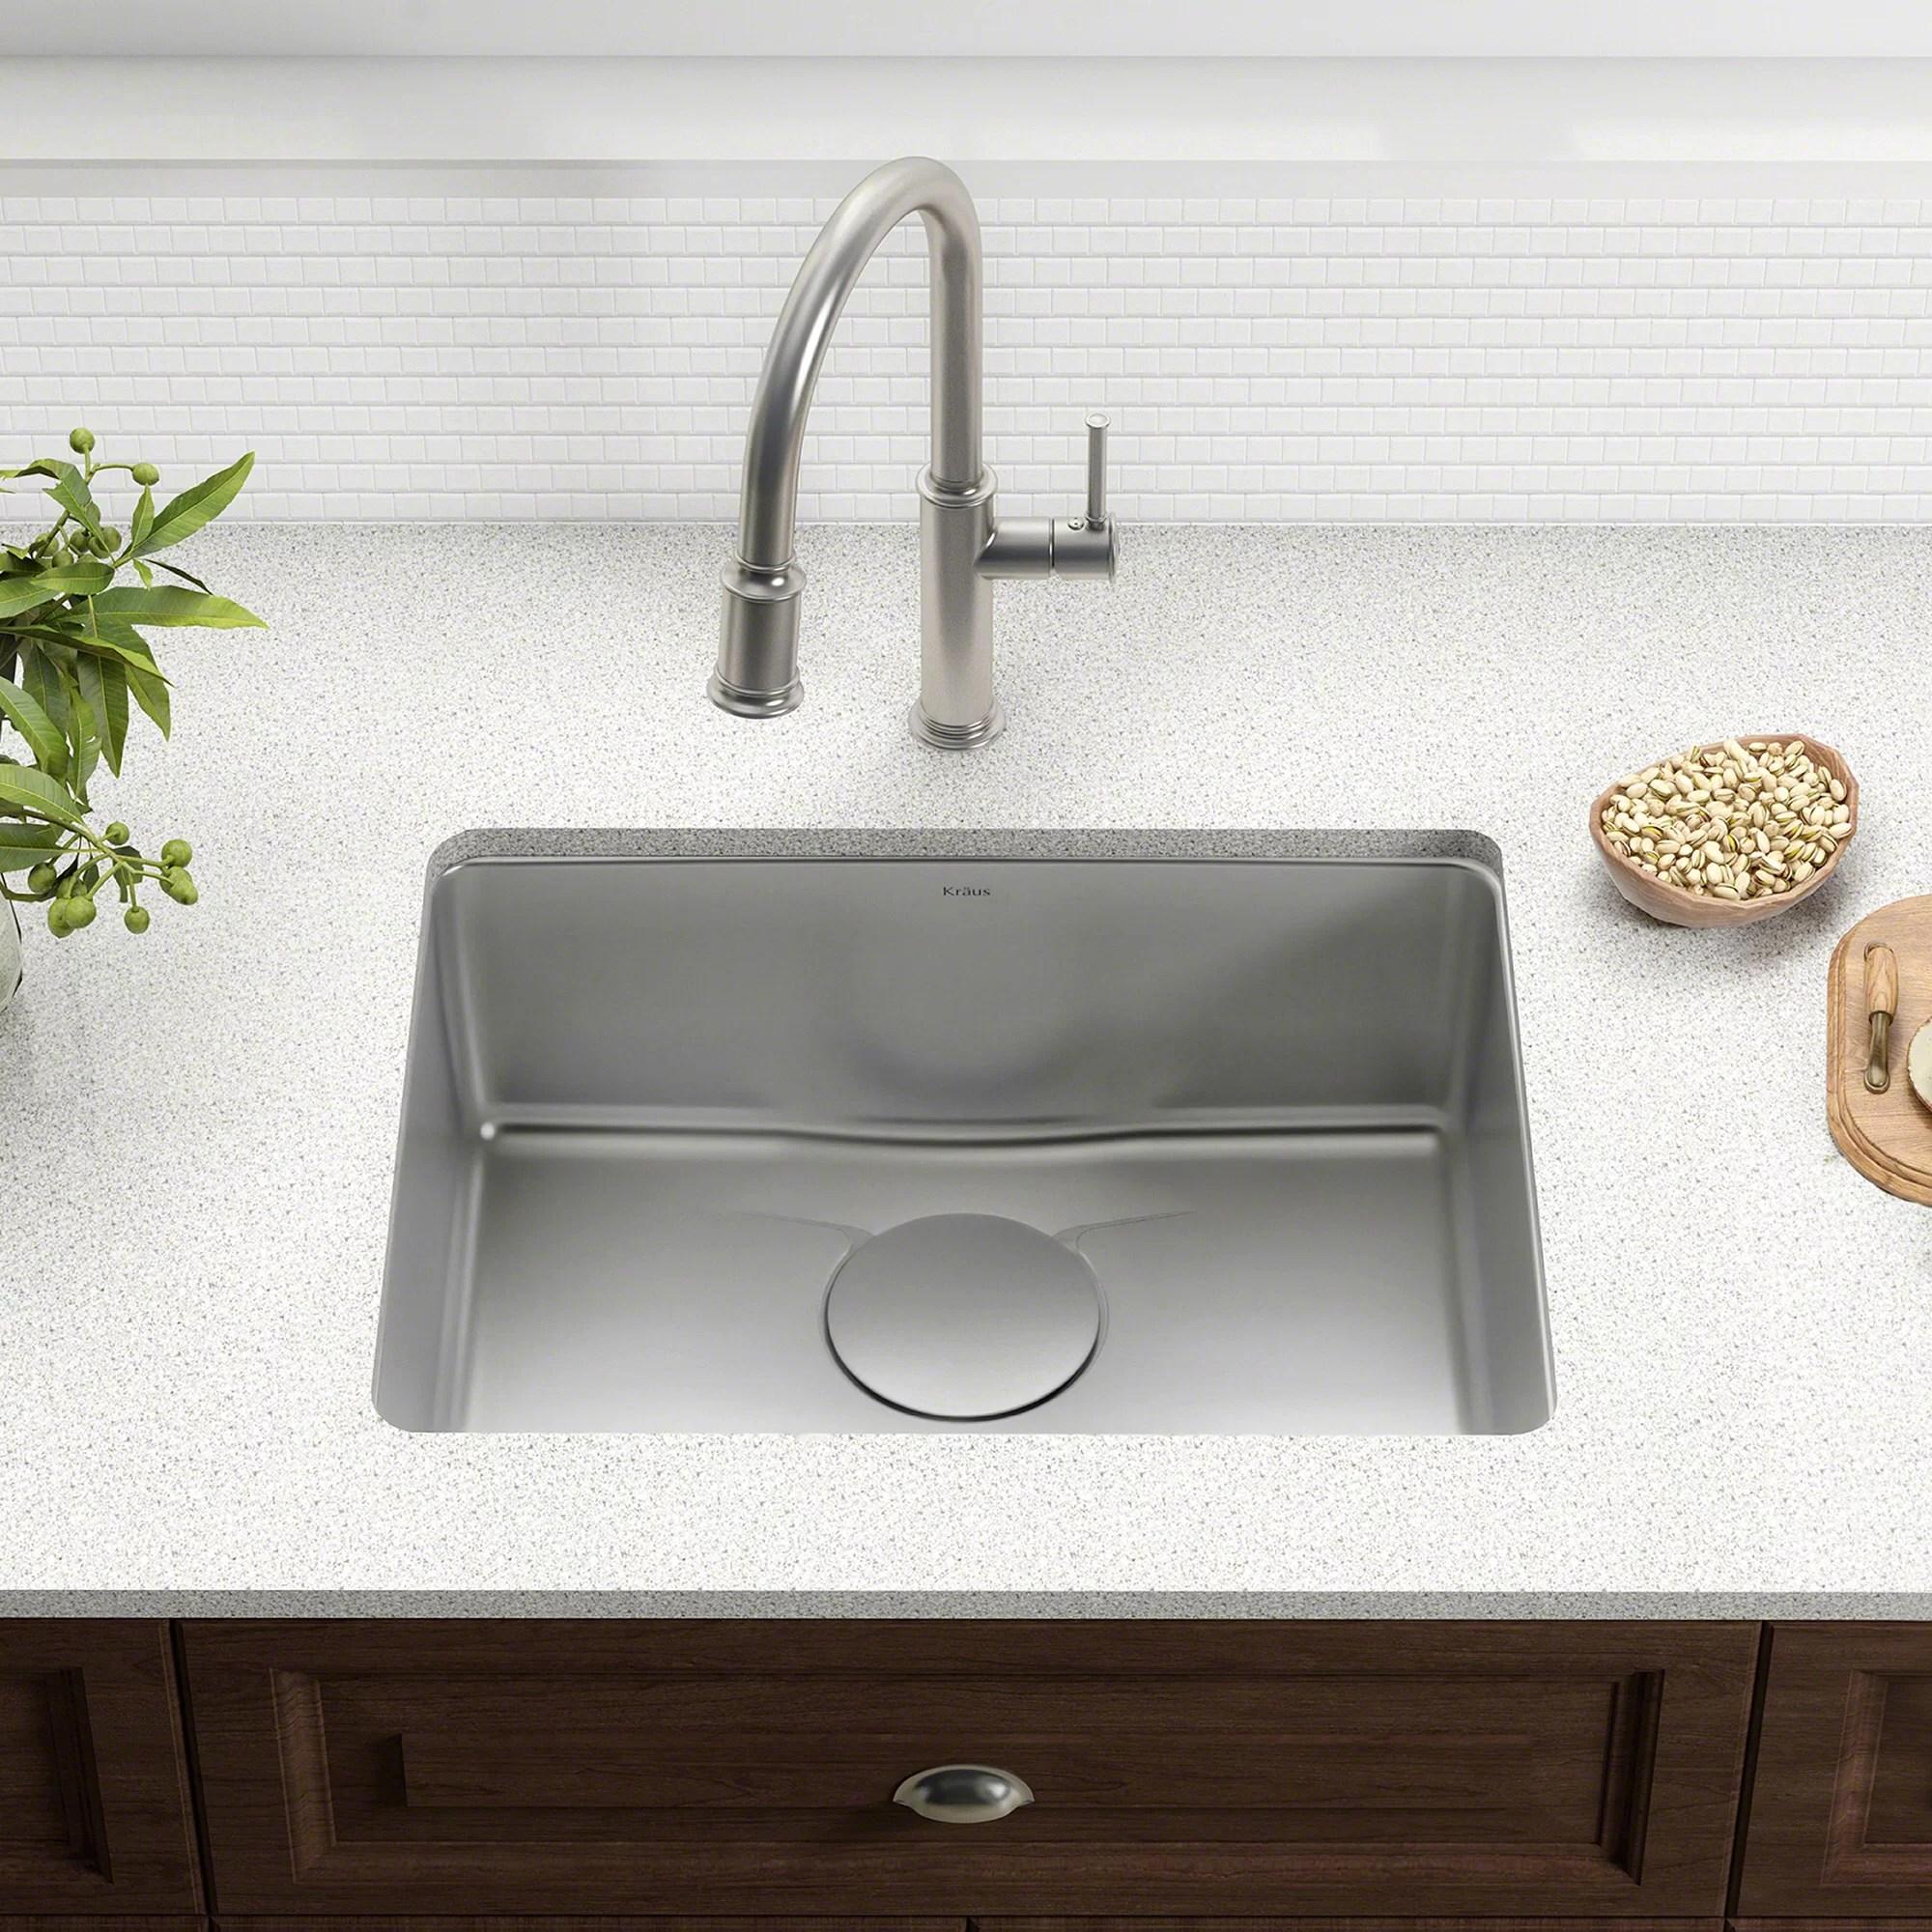 dex series 25 x 19 undermount kitchen sink